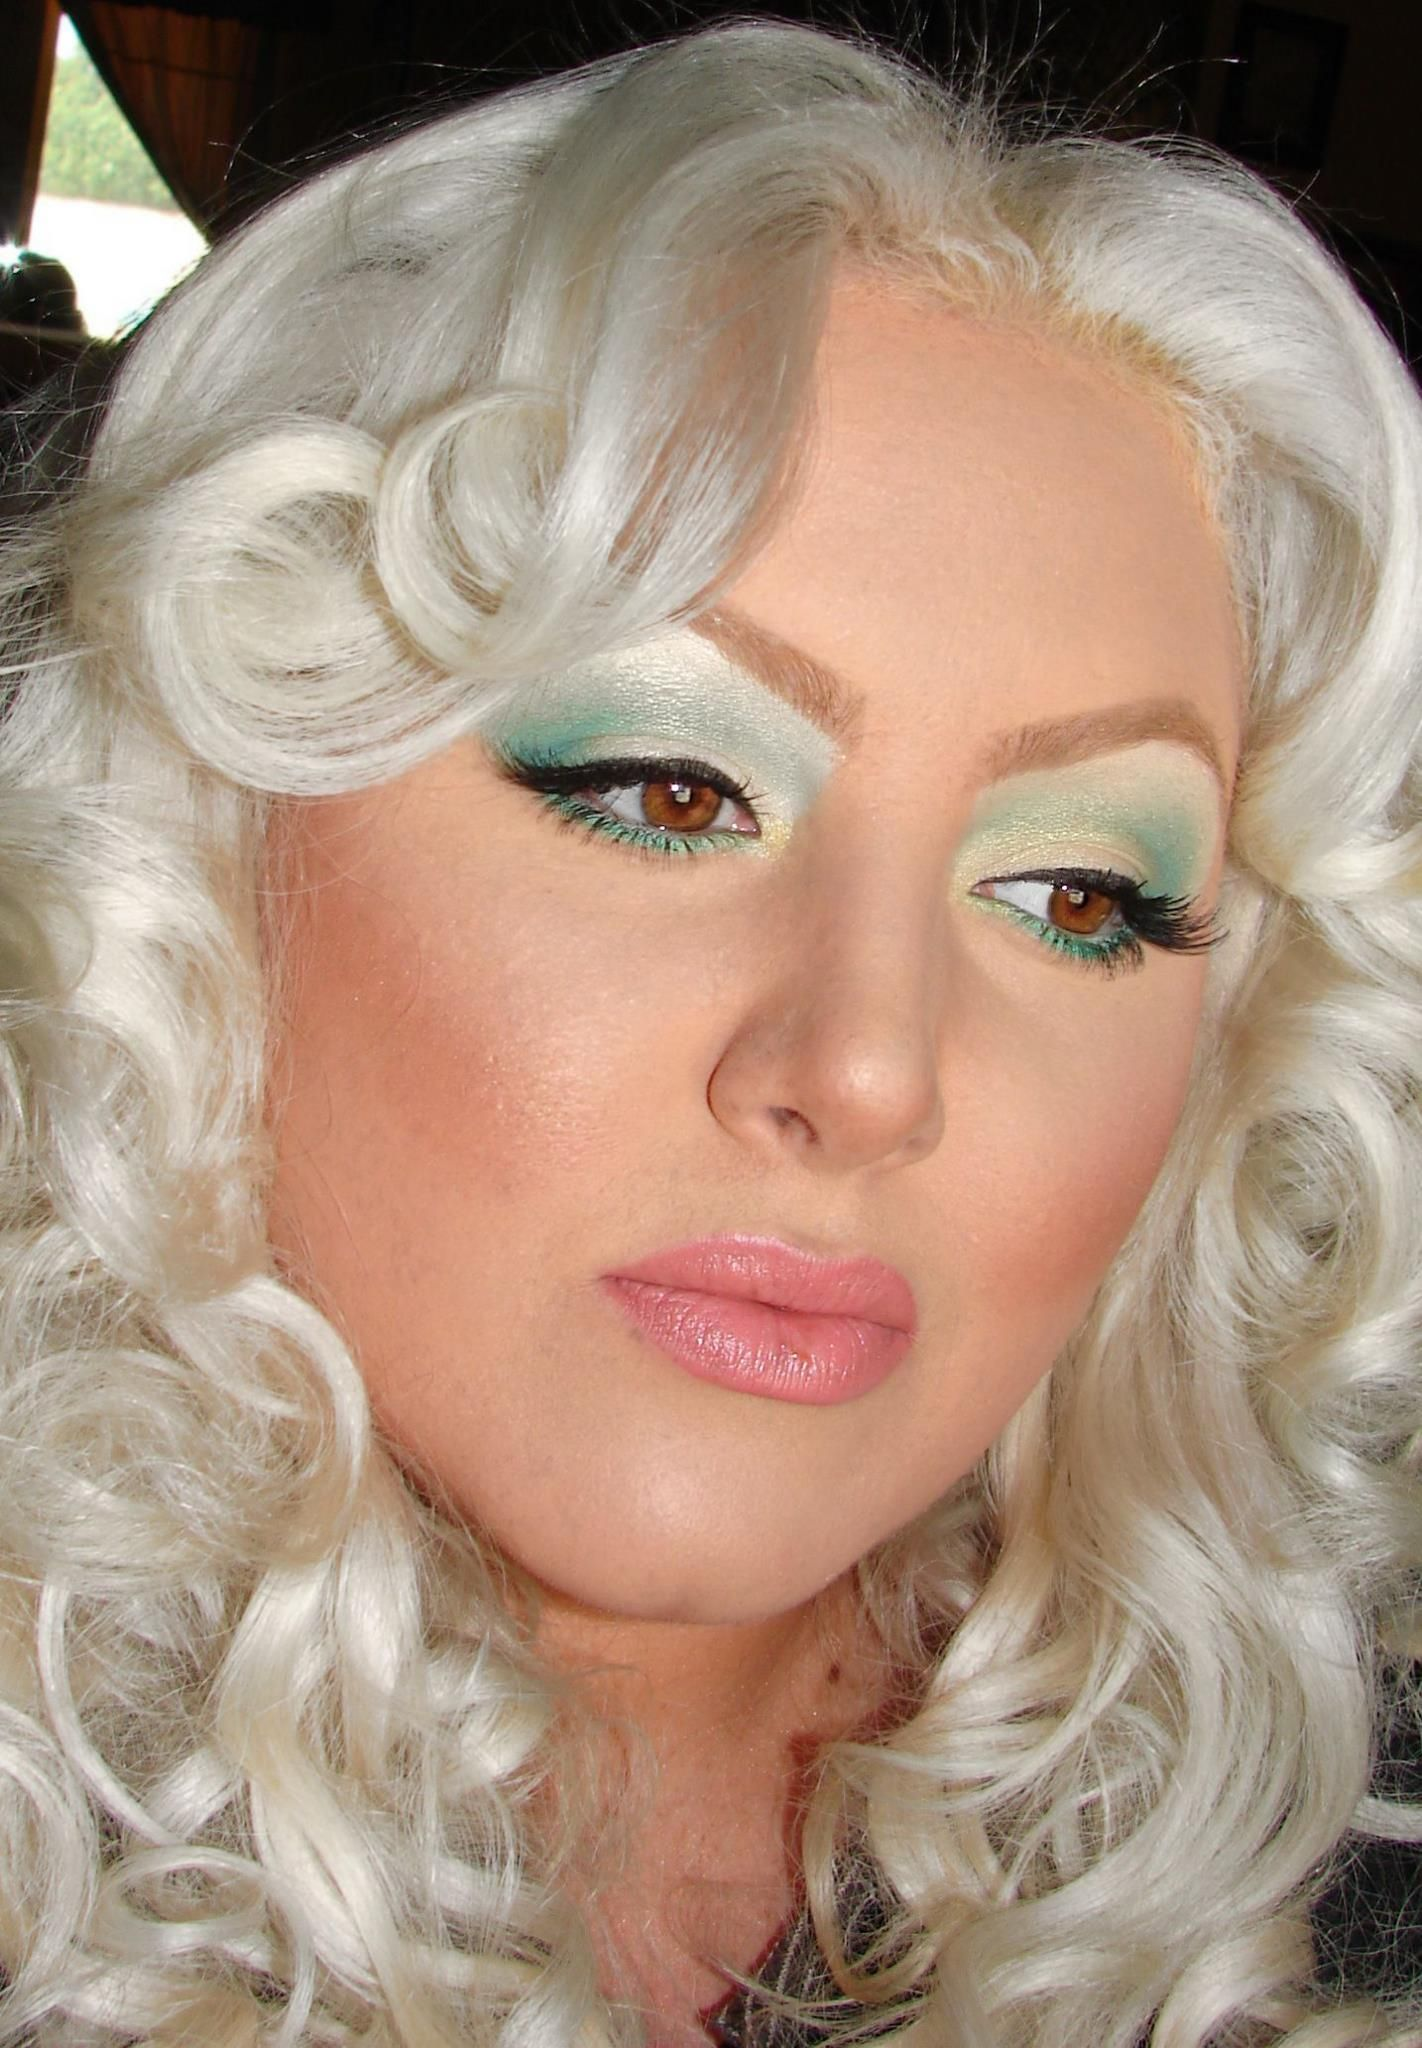 Green Eyeshadow Eye Shadow Eye Makeup Looks Blonde Hair Curls